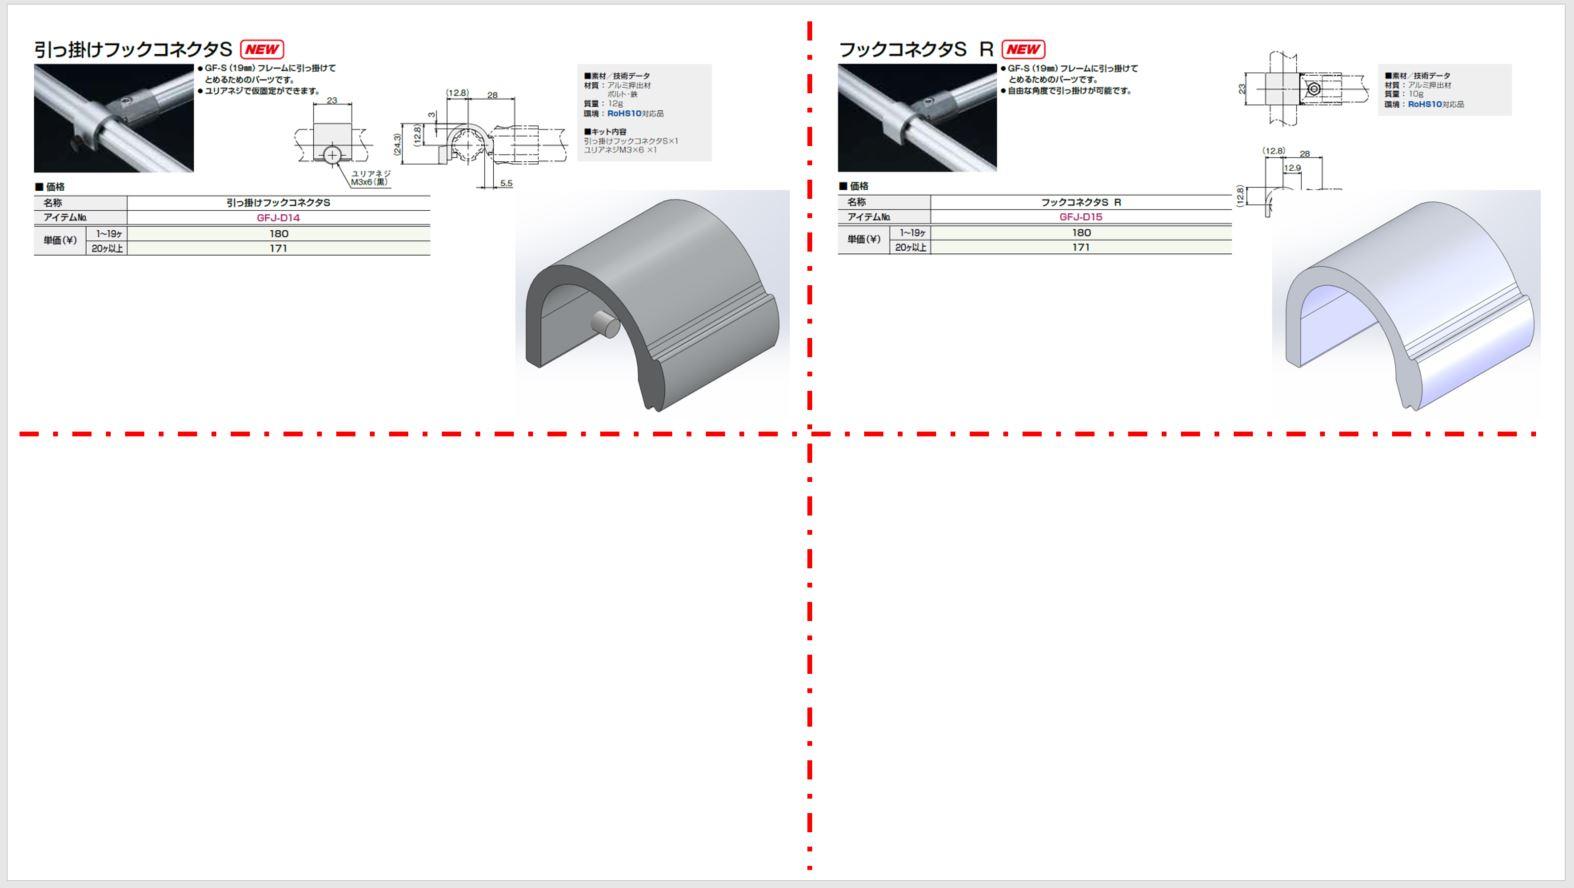 GF-S 19mm シリーズ 部品一覧12